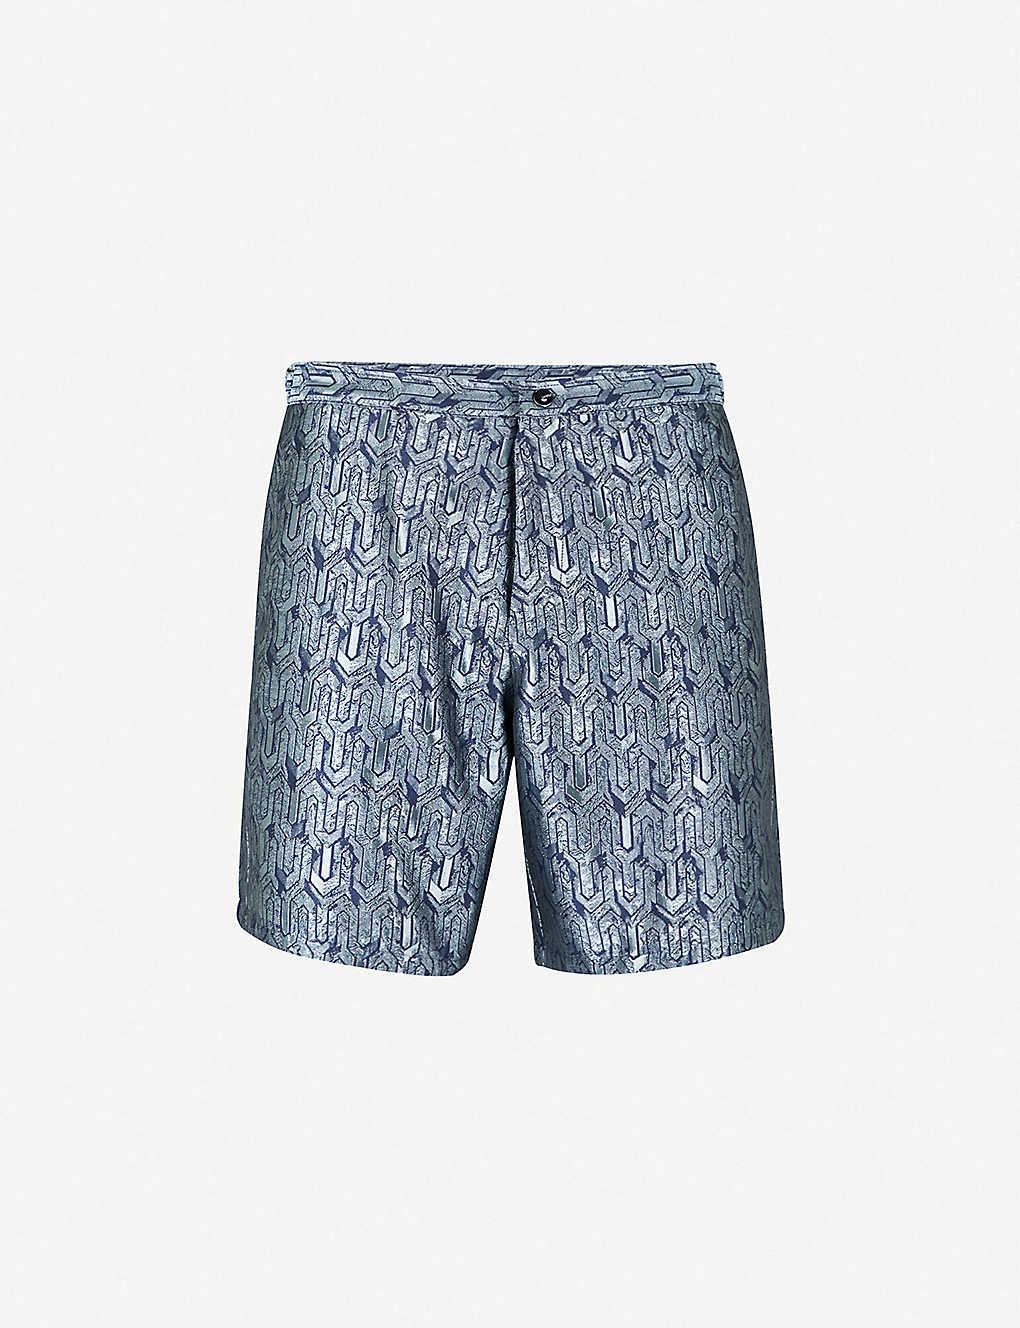 d96911455af41 LA PERLA - Aqua Pura printed jacquard swim shorts | Selfridges.com